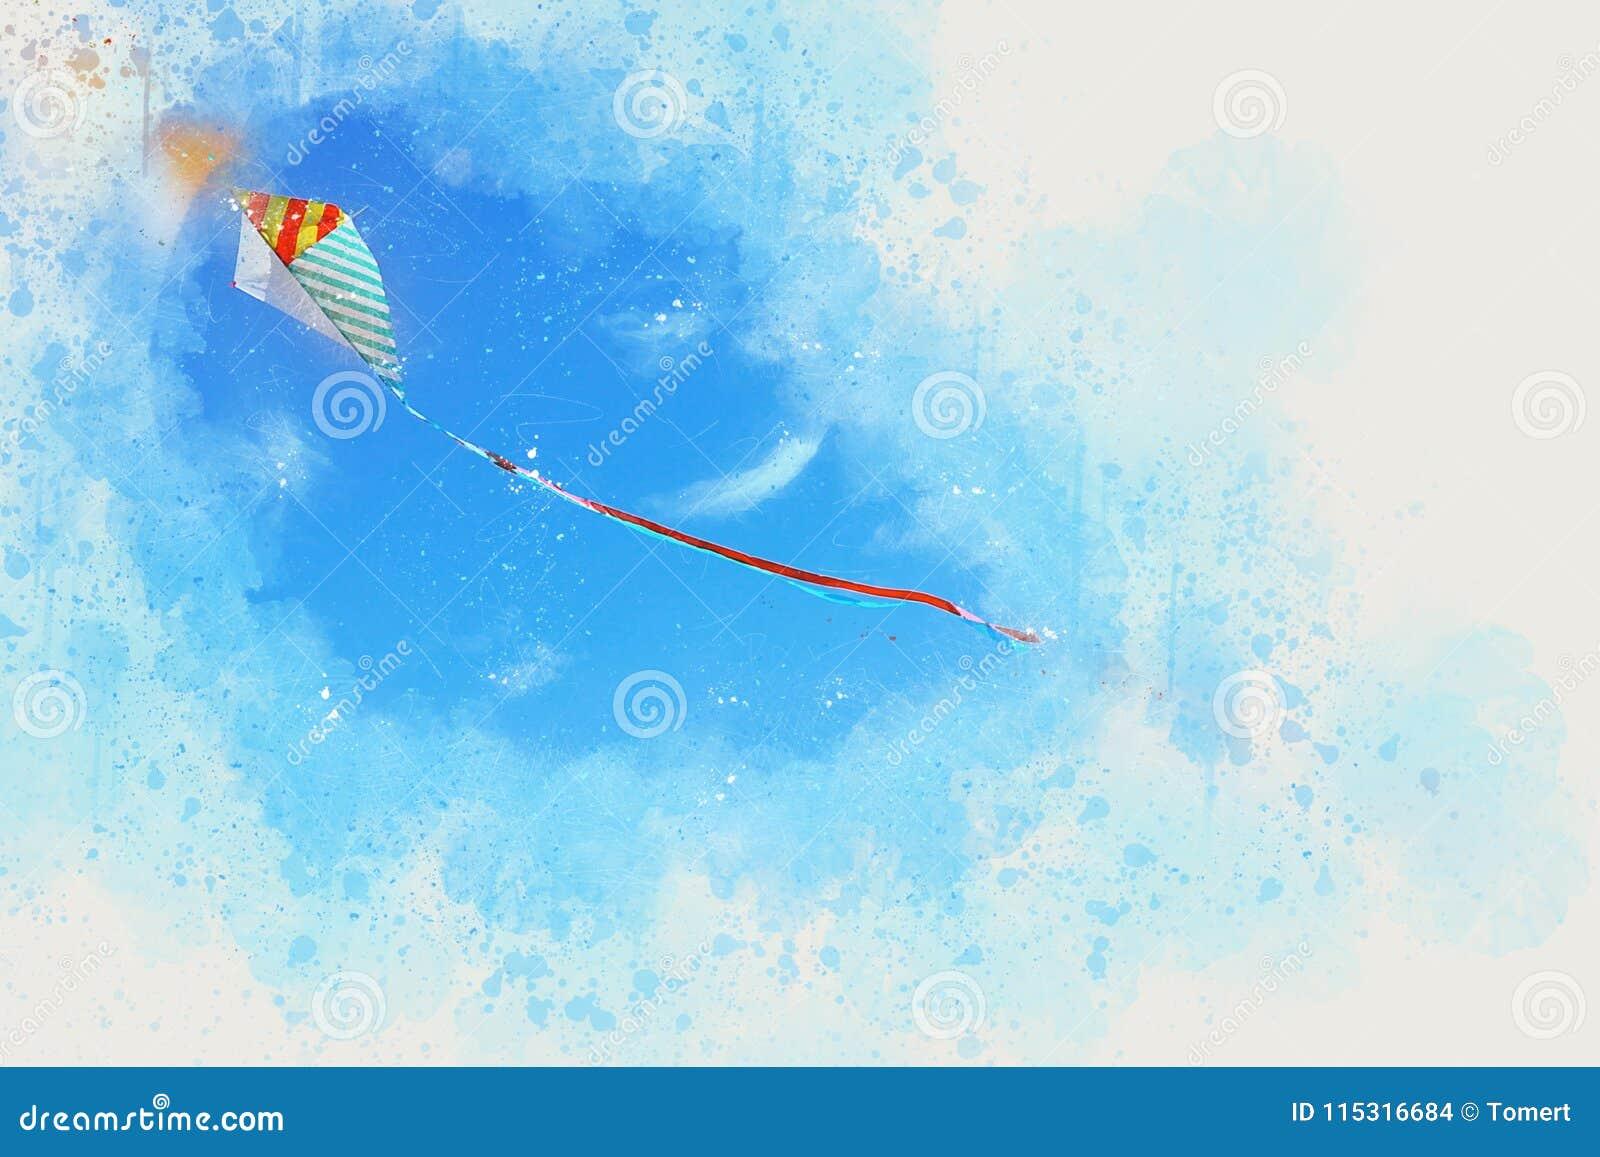 Ejemplo del extracto del estilo de la acuarela del vuelo colorido de la cometa en el cielo azul